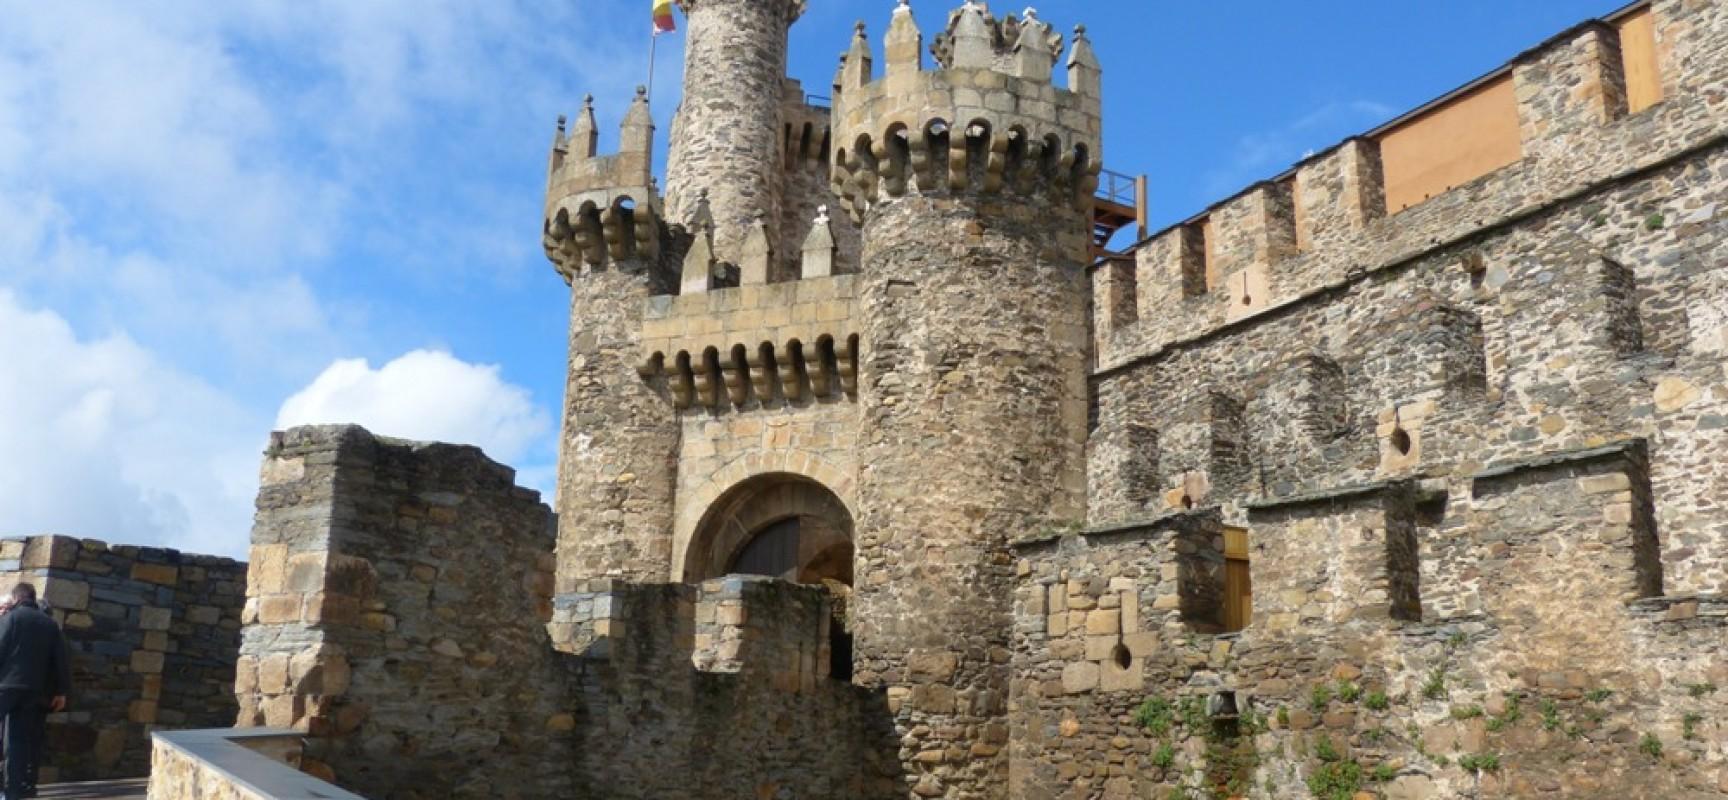 Los 12 castillos m s impresionantes de castilla y le n for Oficina turismo castilla y leon